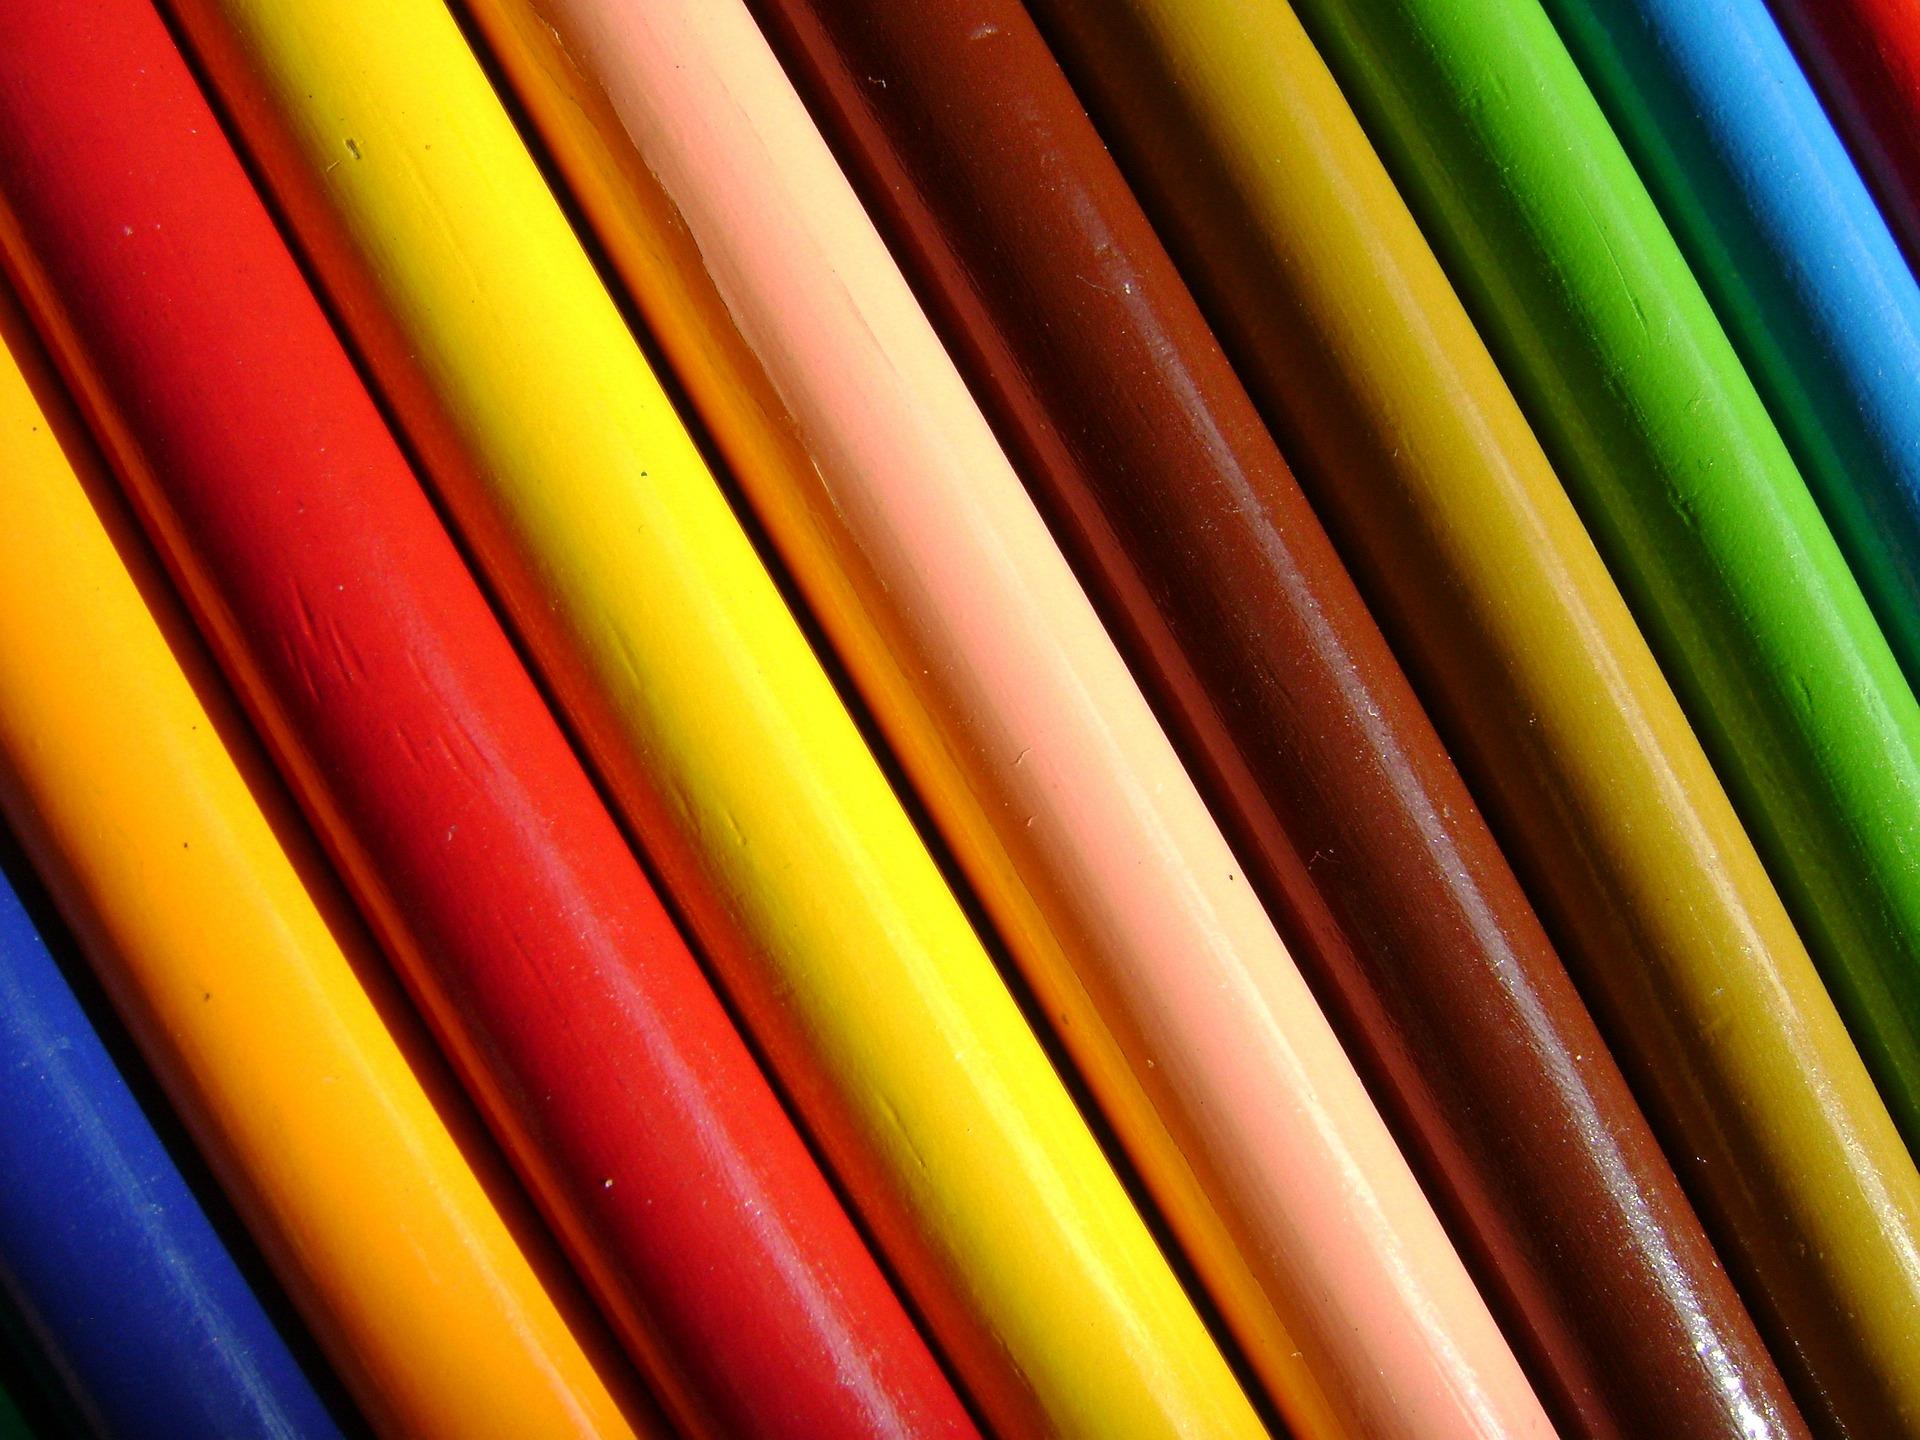 La psicologia dei colori: come tinteggiare il negozio